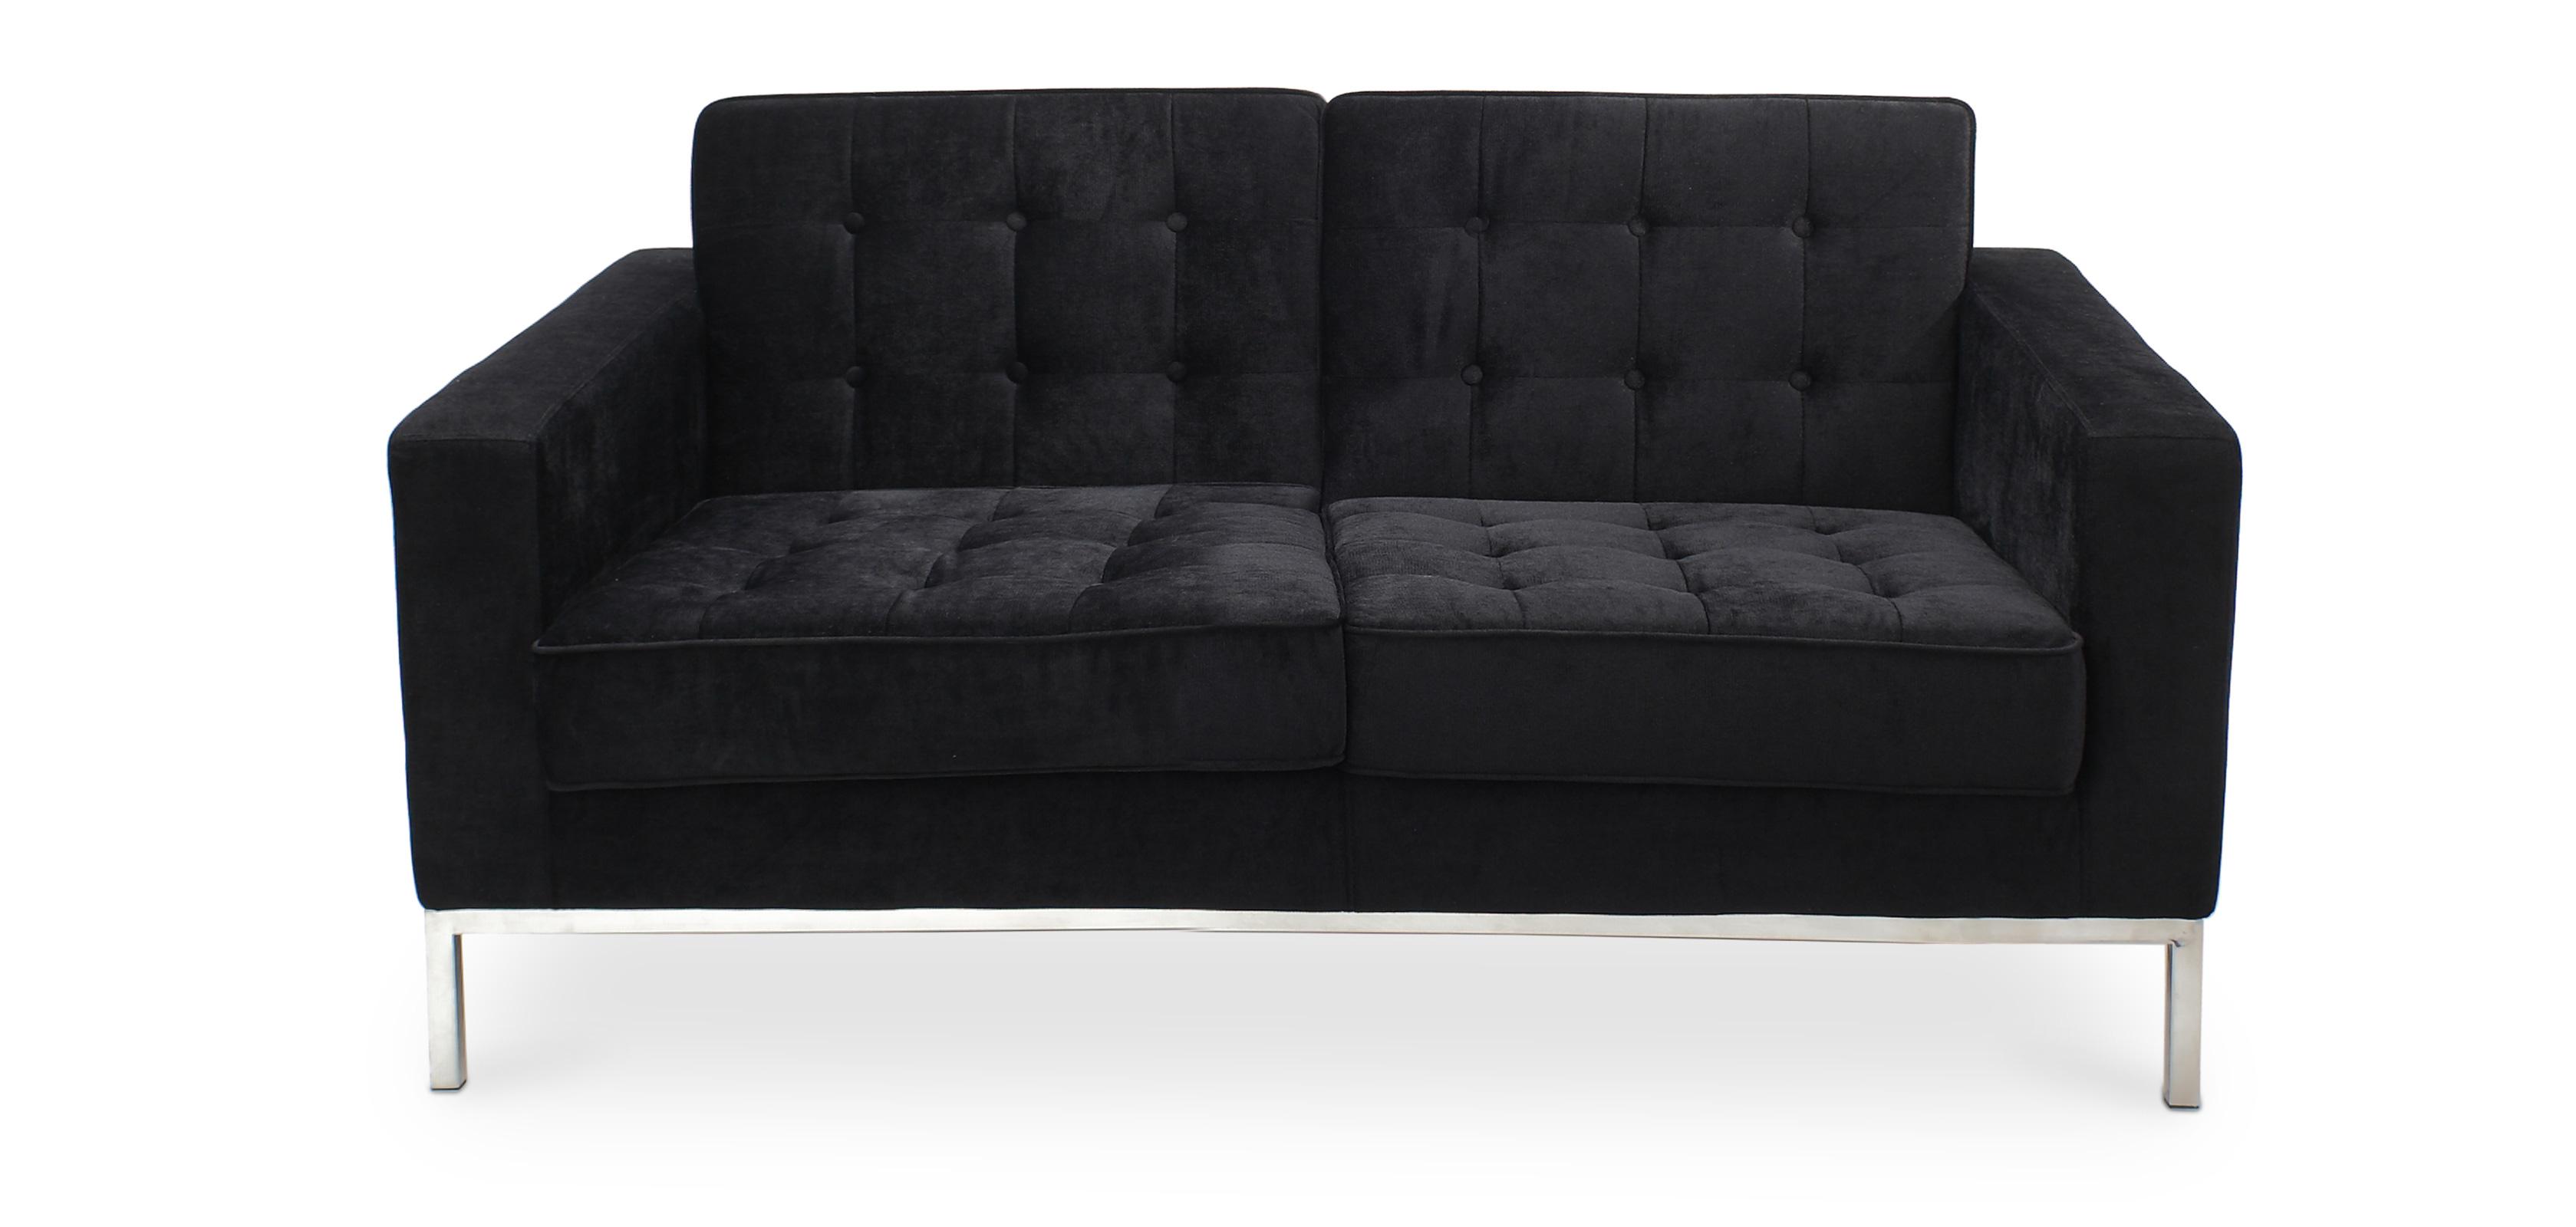 Bezaubernd Zweisitzer Sofa Ideen Von